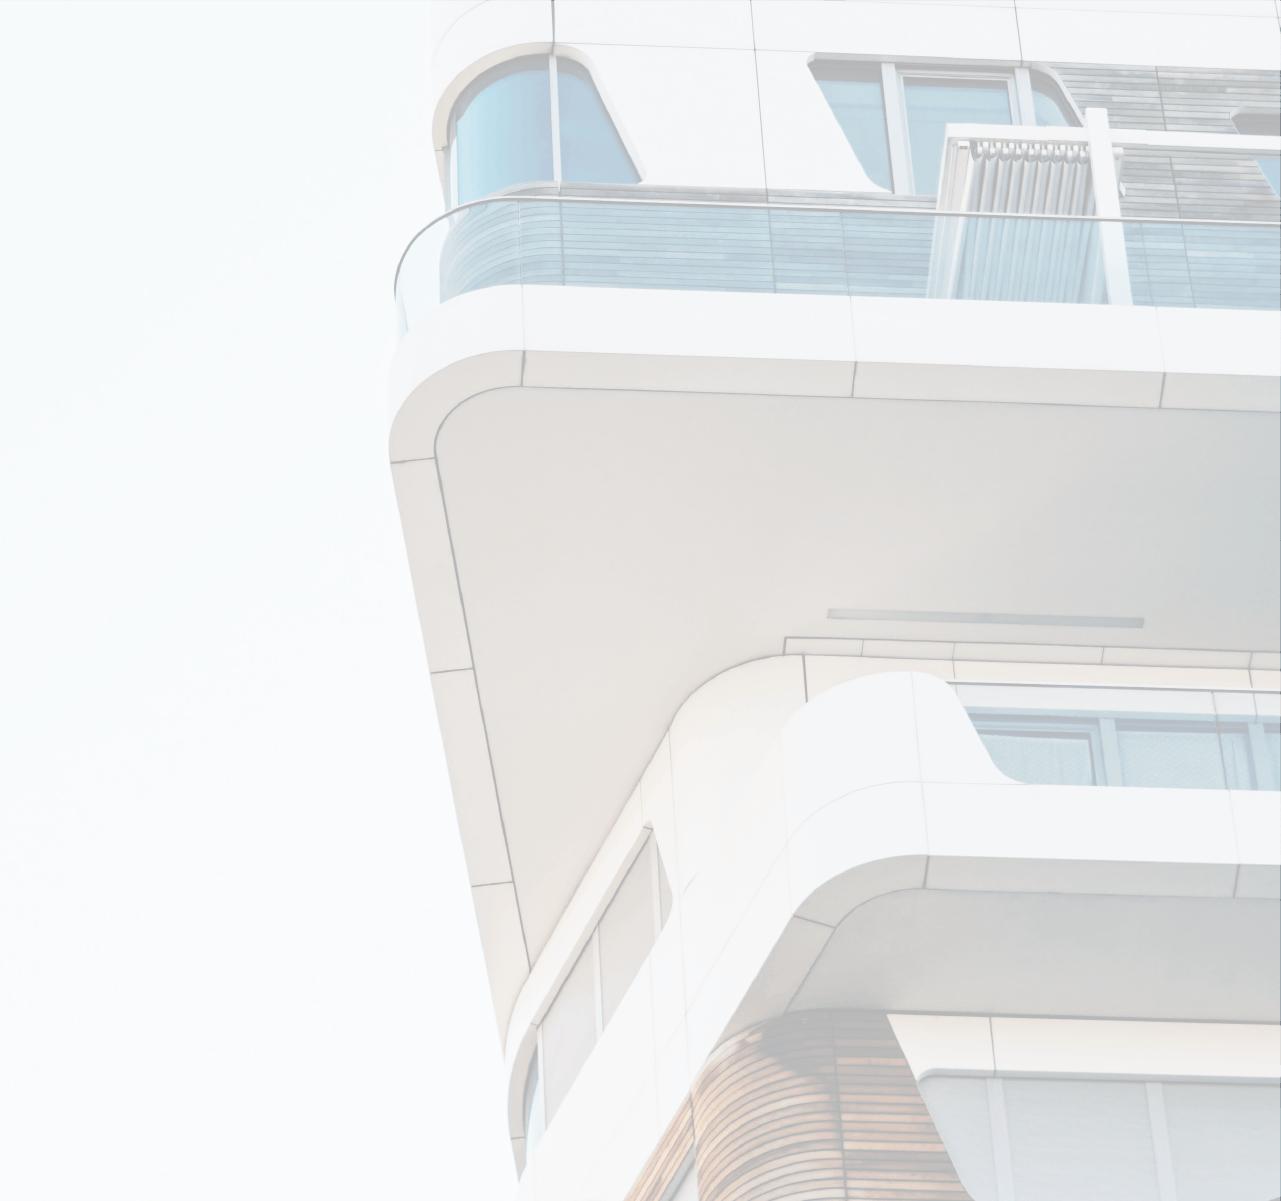 C3 Architecture